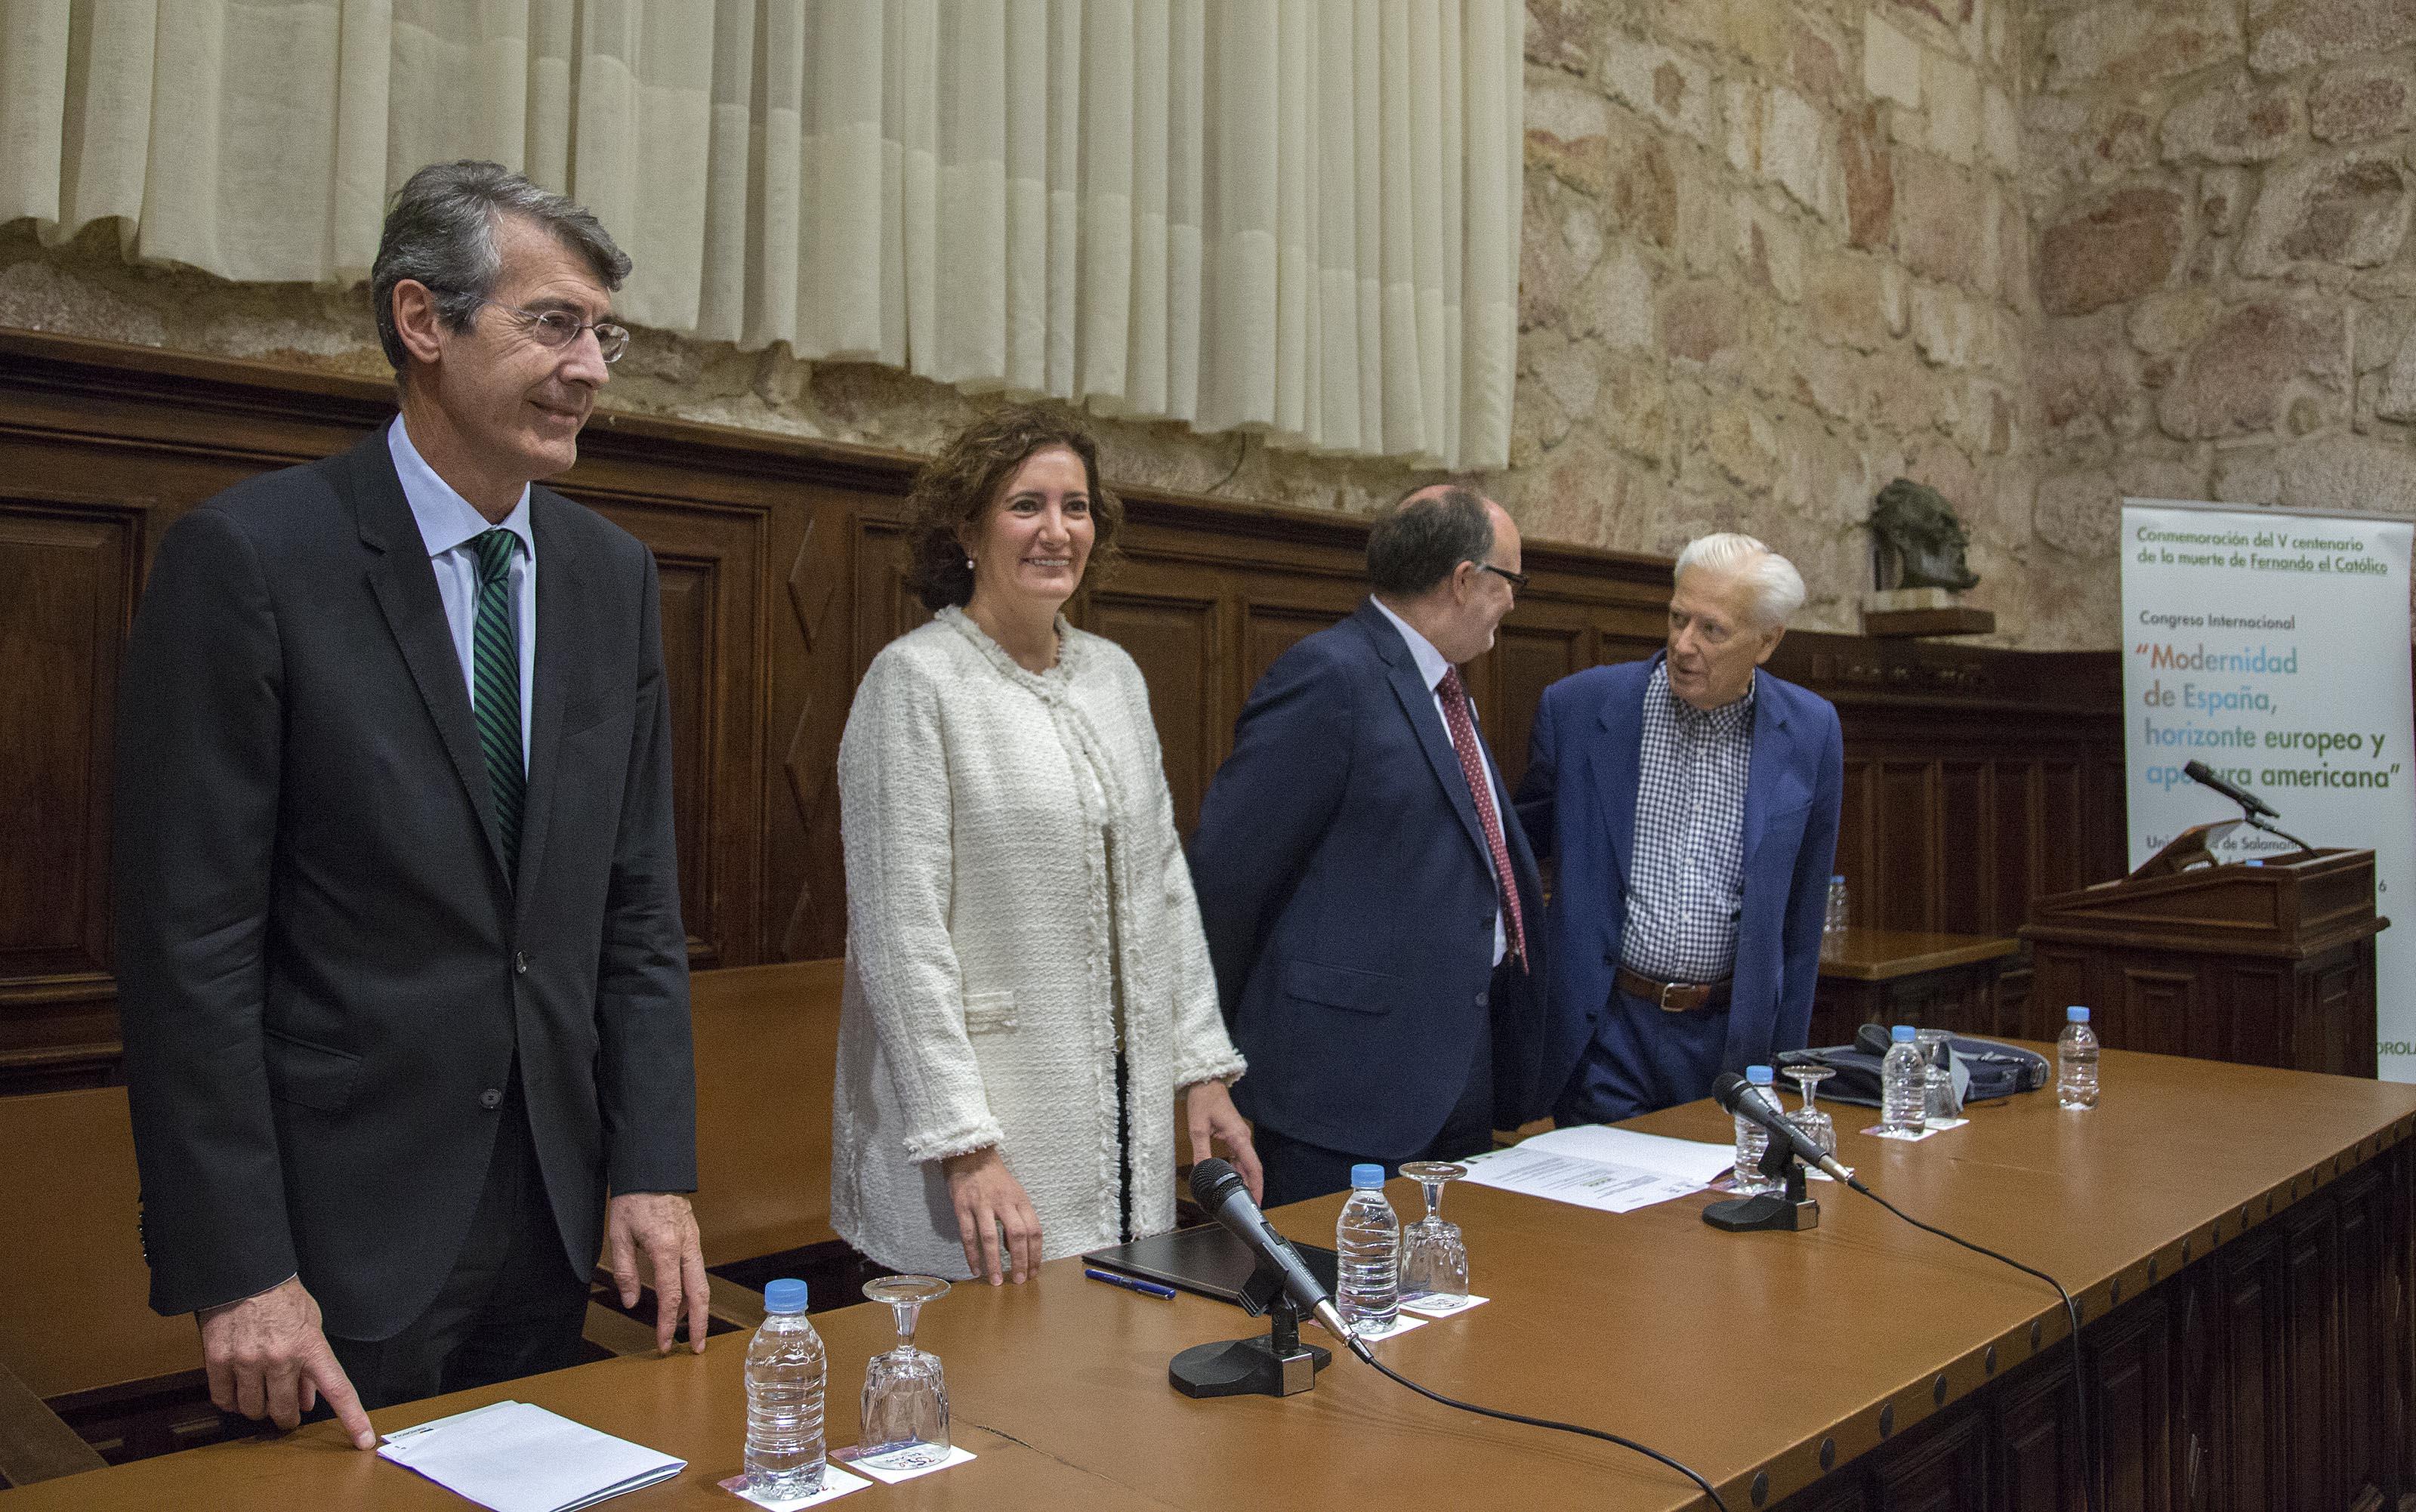 Inaugurado en la Universidad de Salamanca el congreso internacional 'Modernidad de España, horizonte europeo y apertura americana'